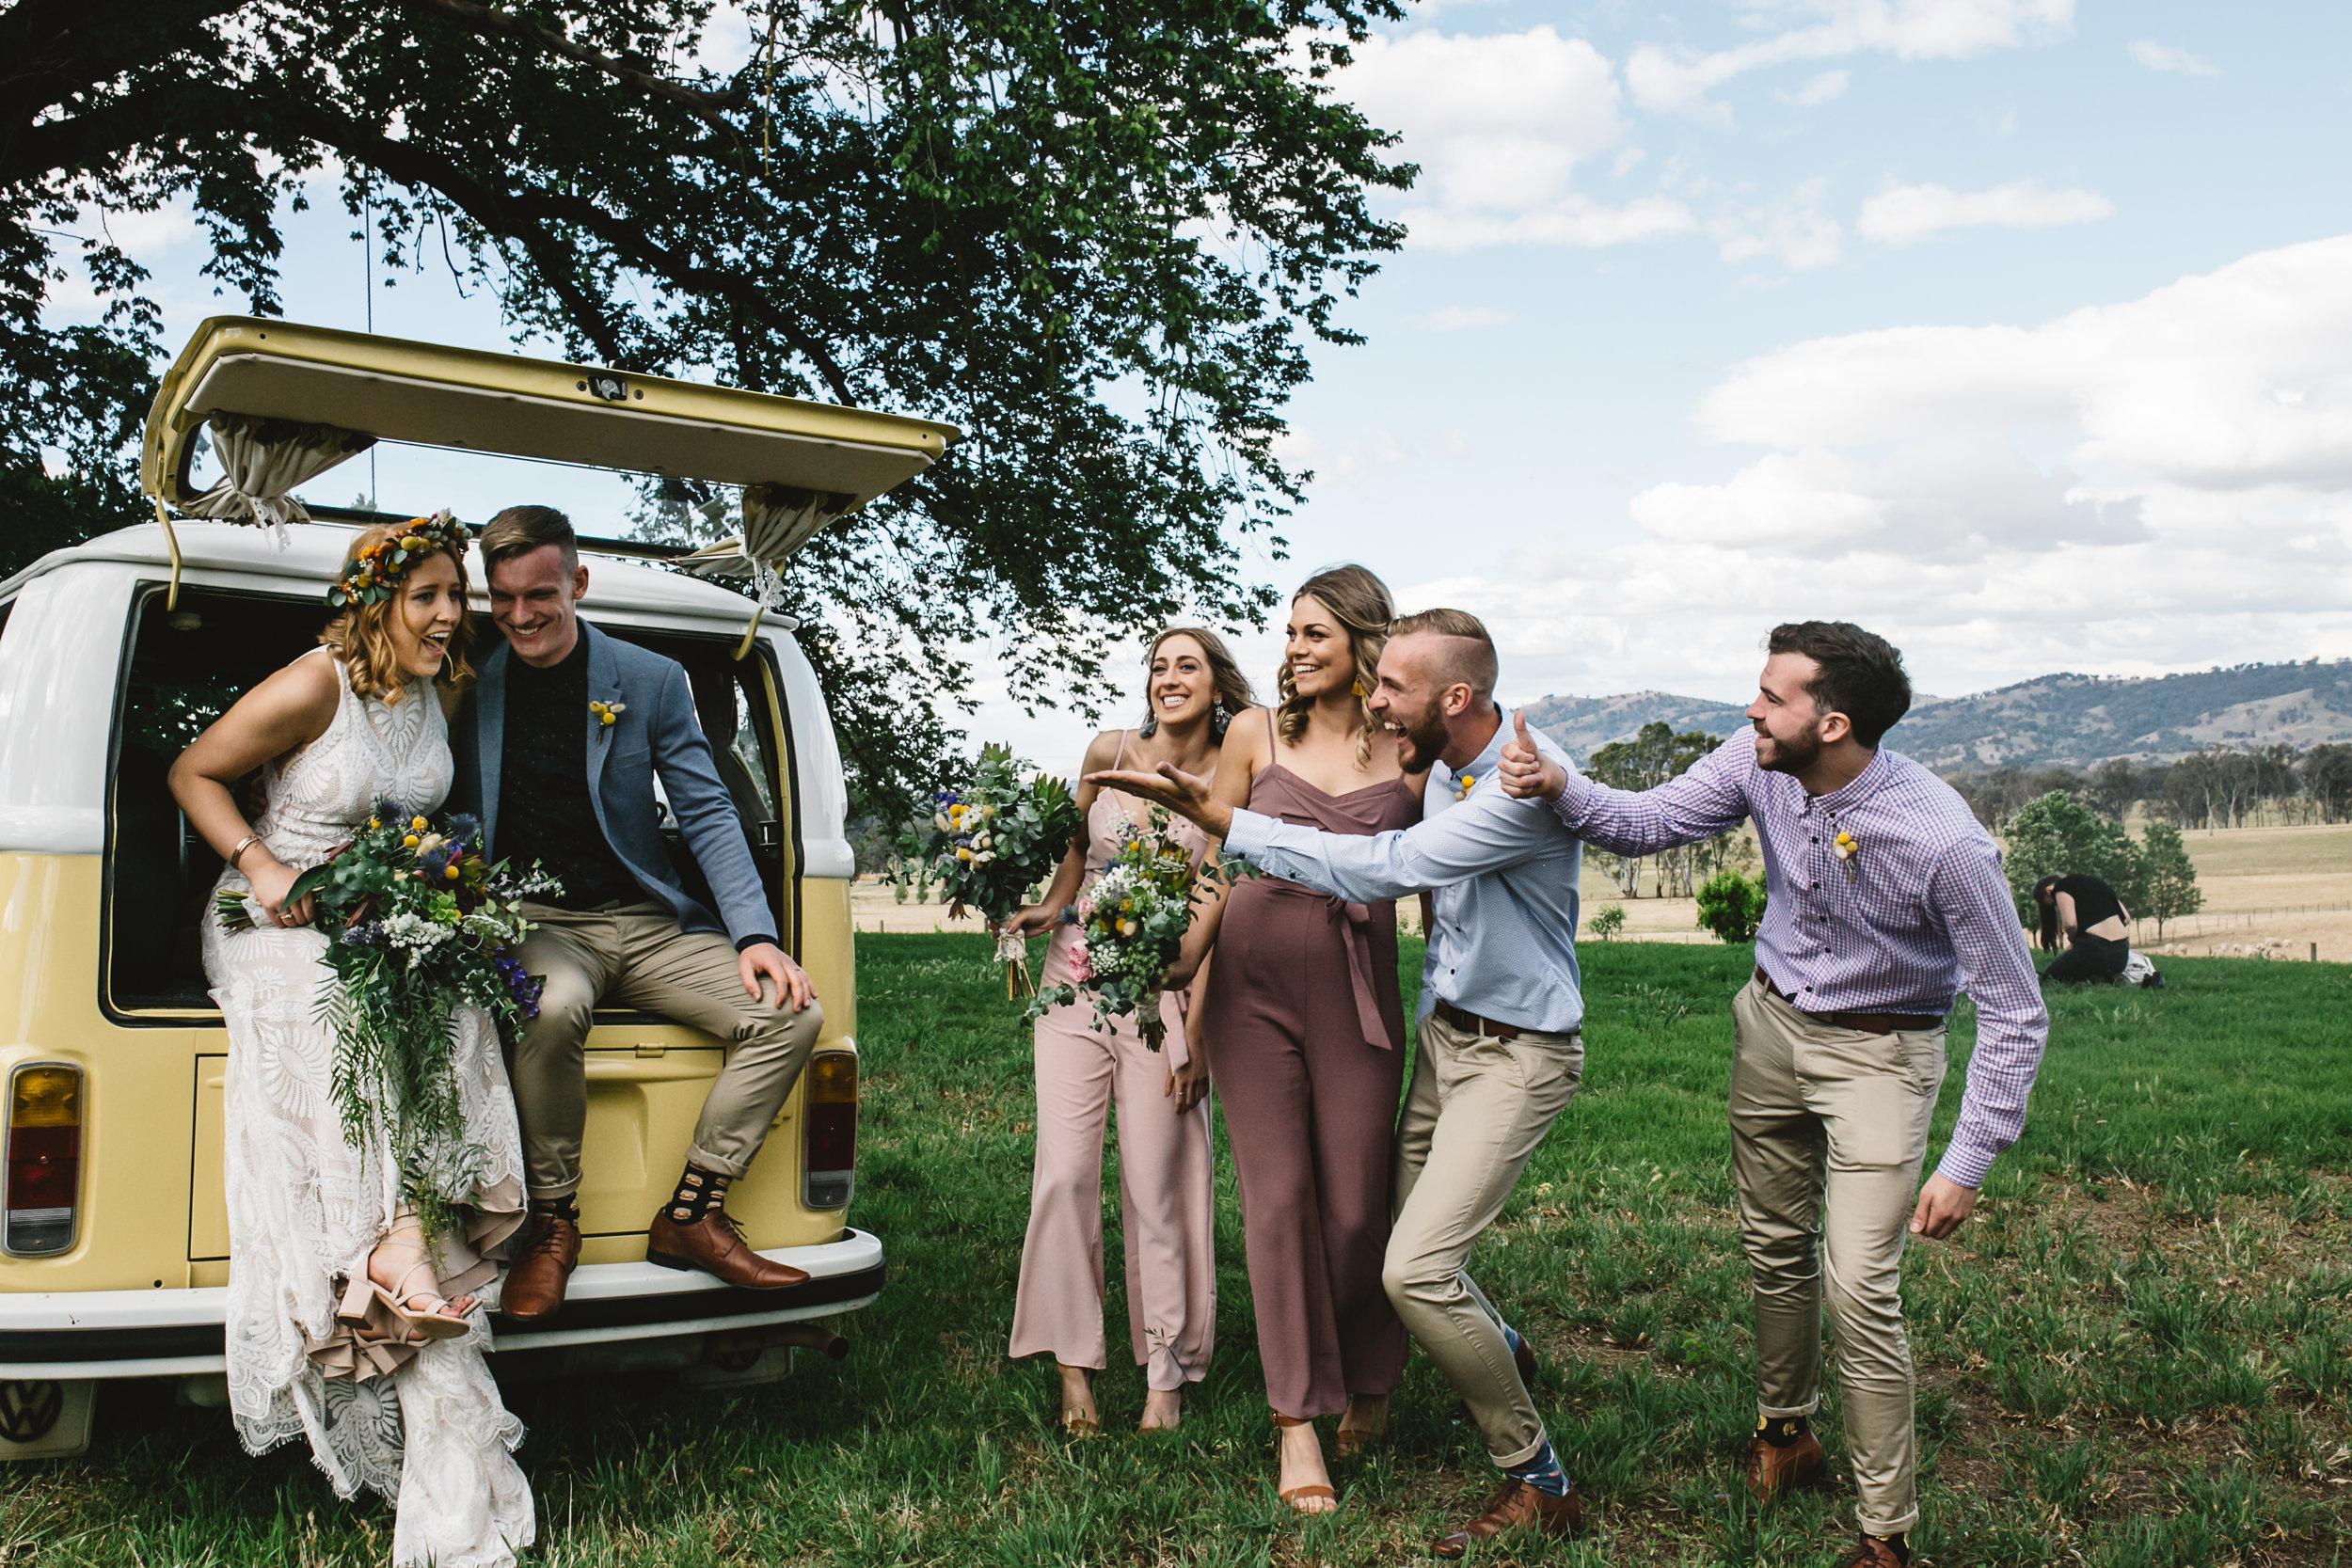 Kombi van on your wedding day